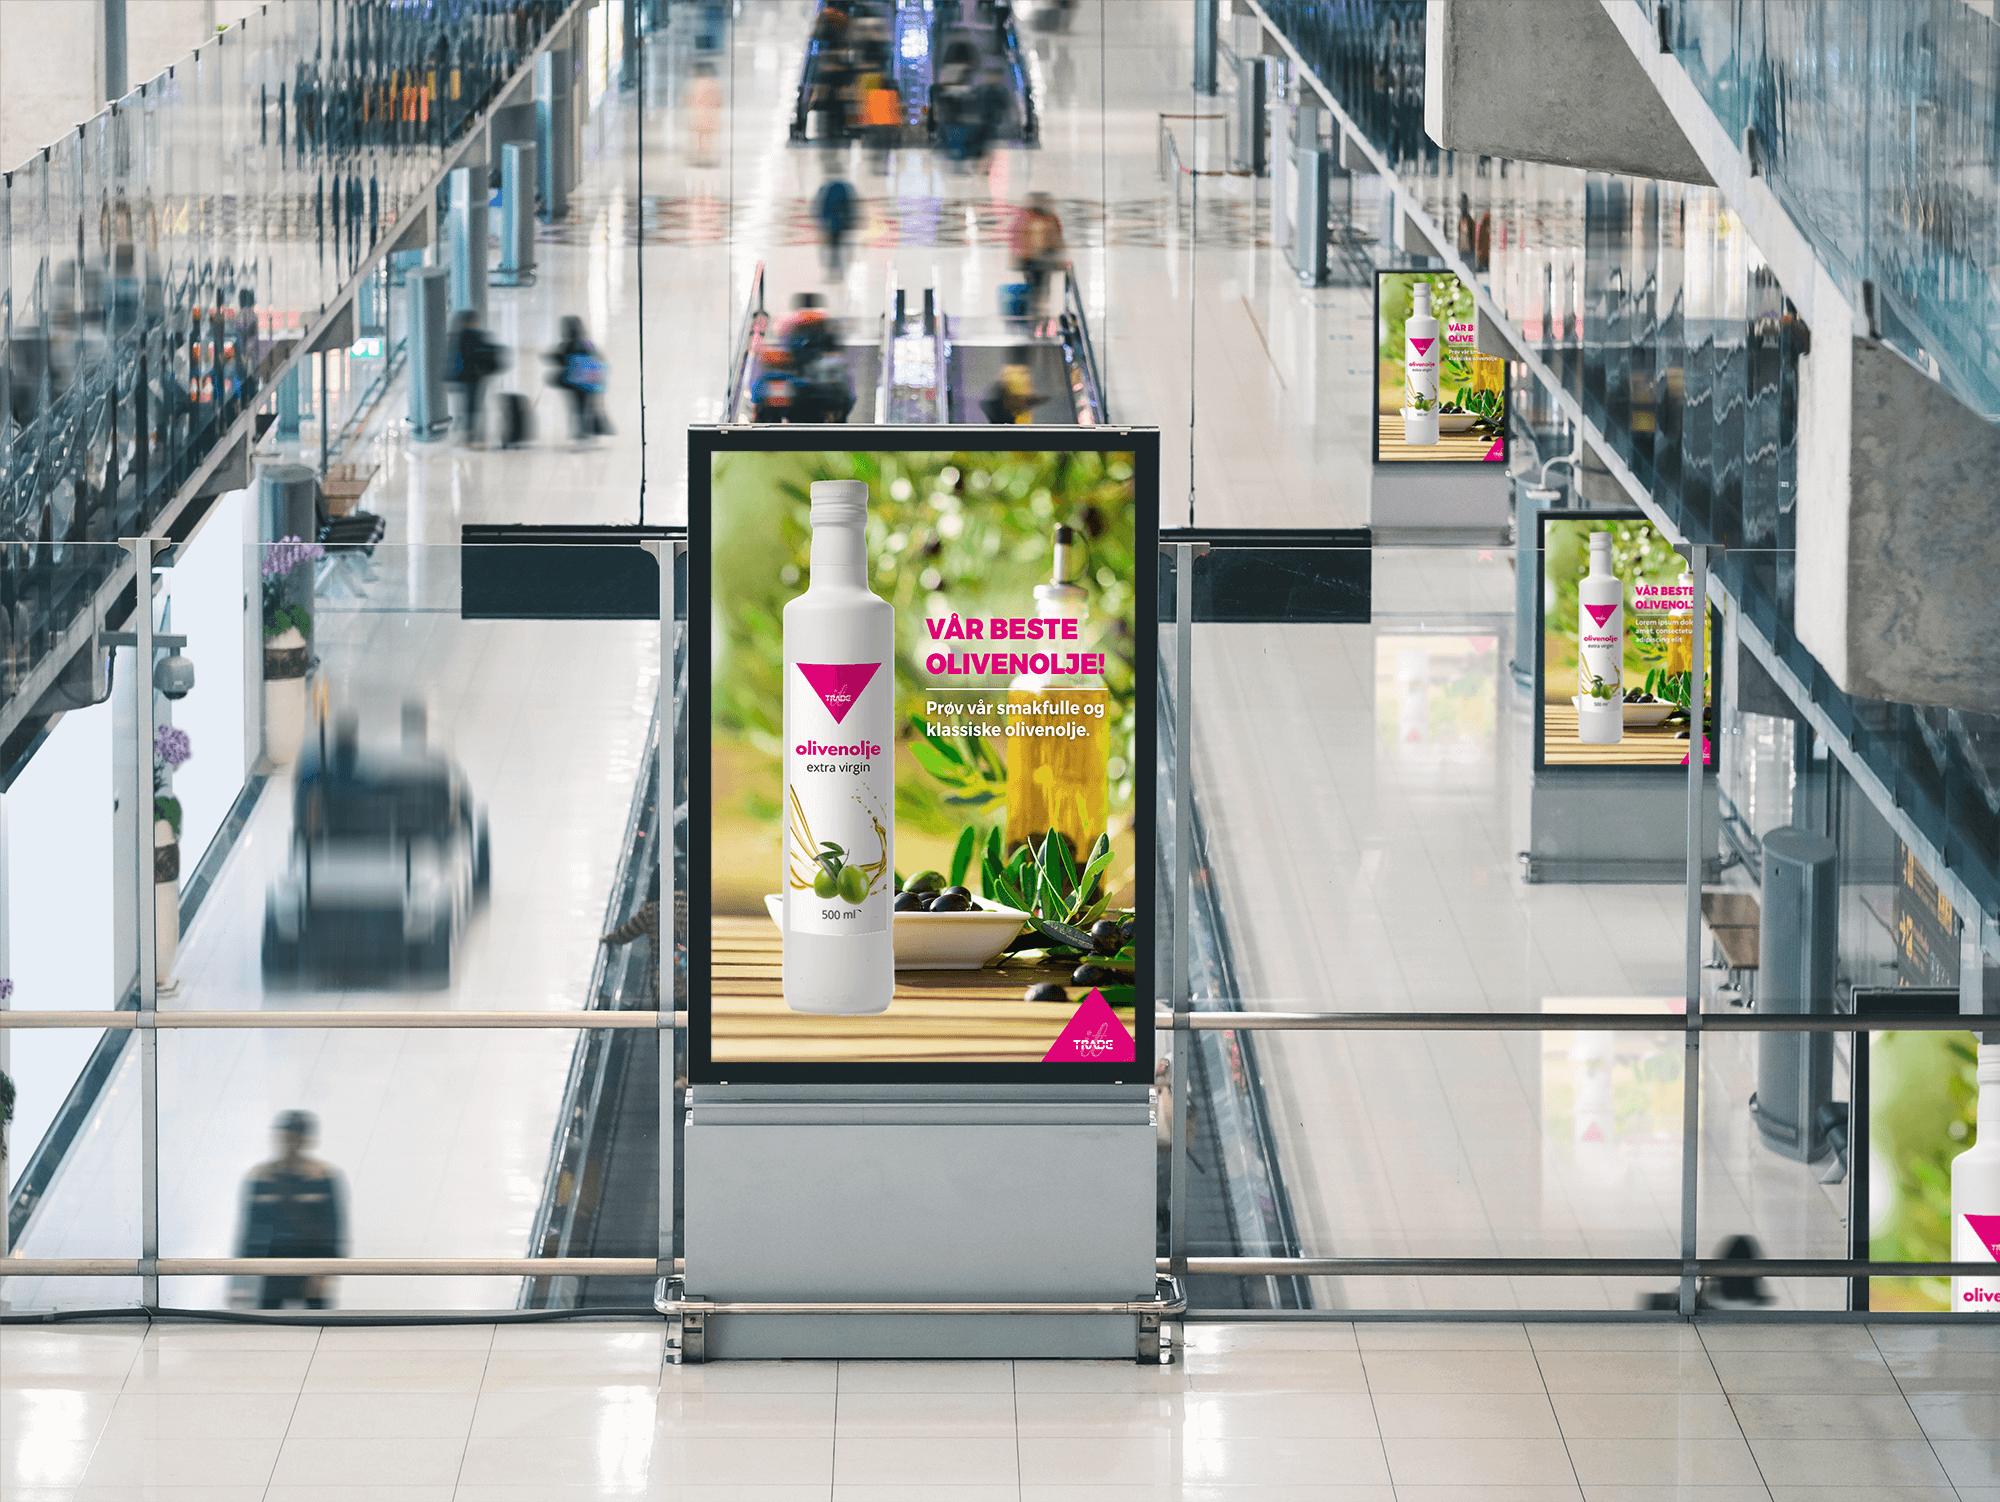 Reklameboard med på flyplass med Tradesolution olivenolje